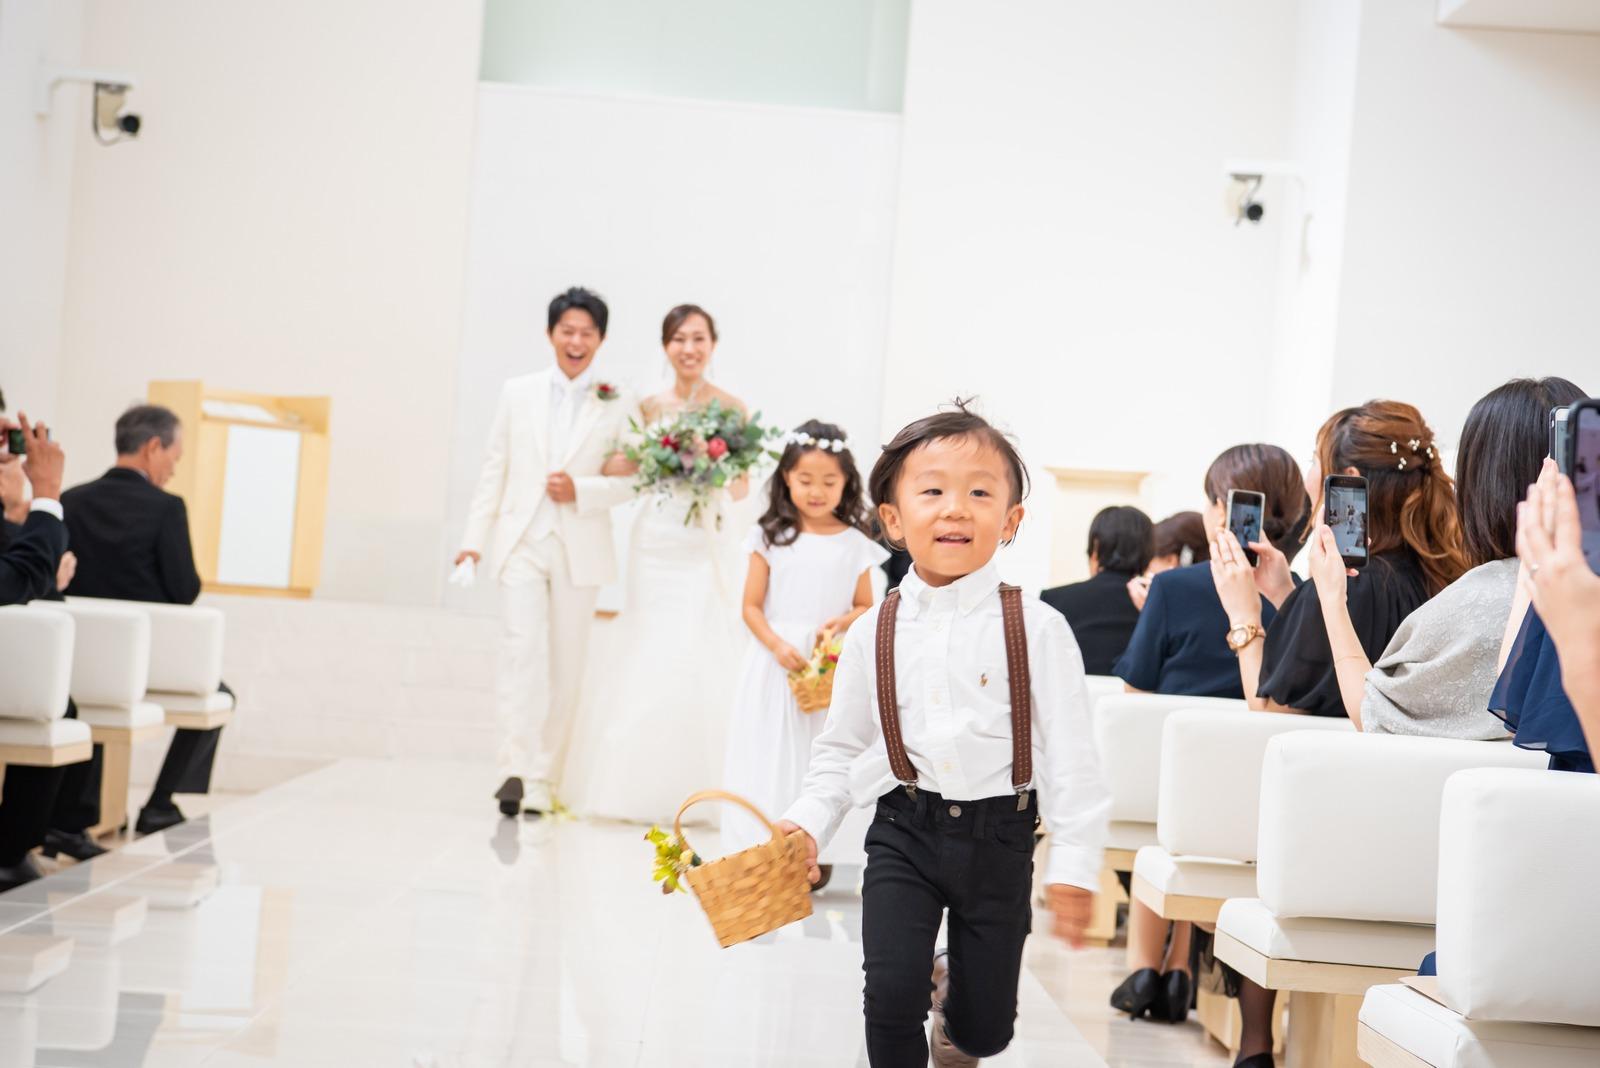 徳島市の結婚式場ブランアンジュのチャペル挙式でお手伝いが終わり元気に走る子ども達